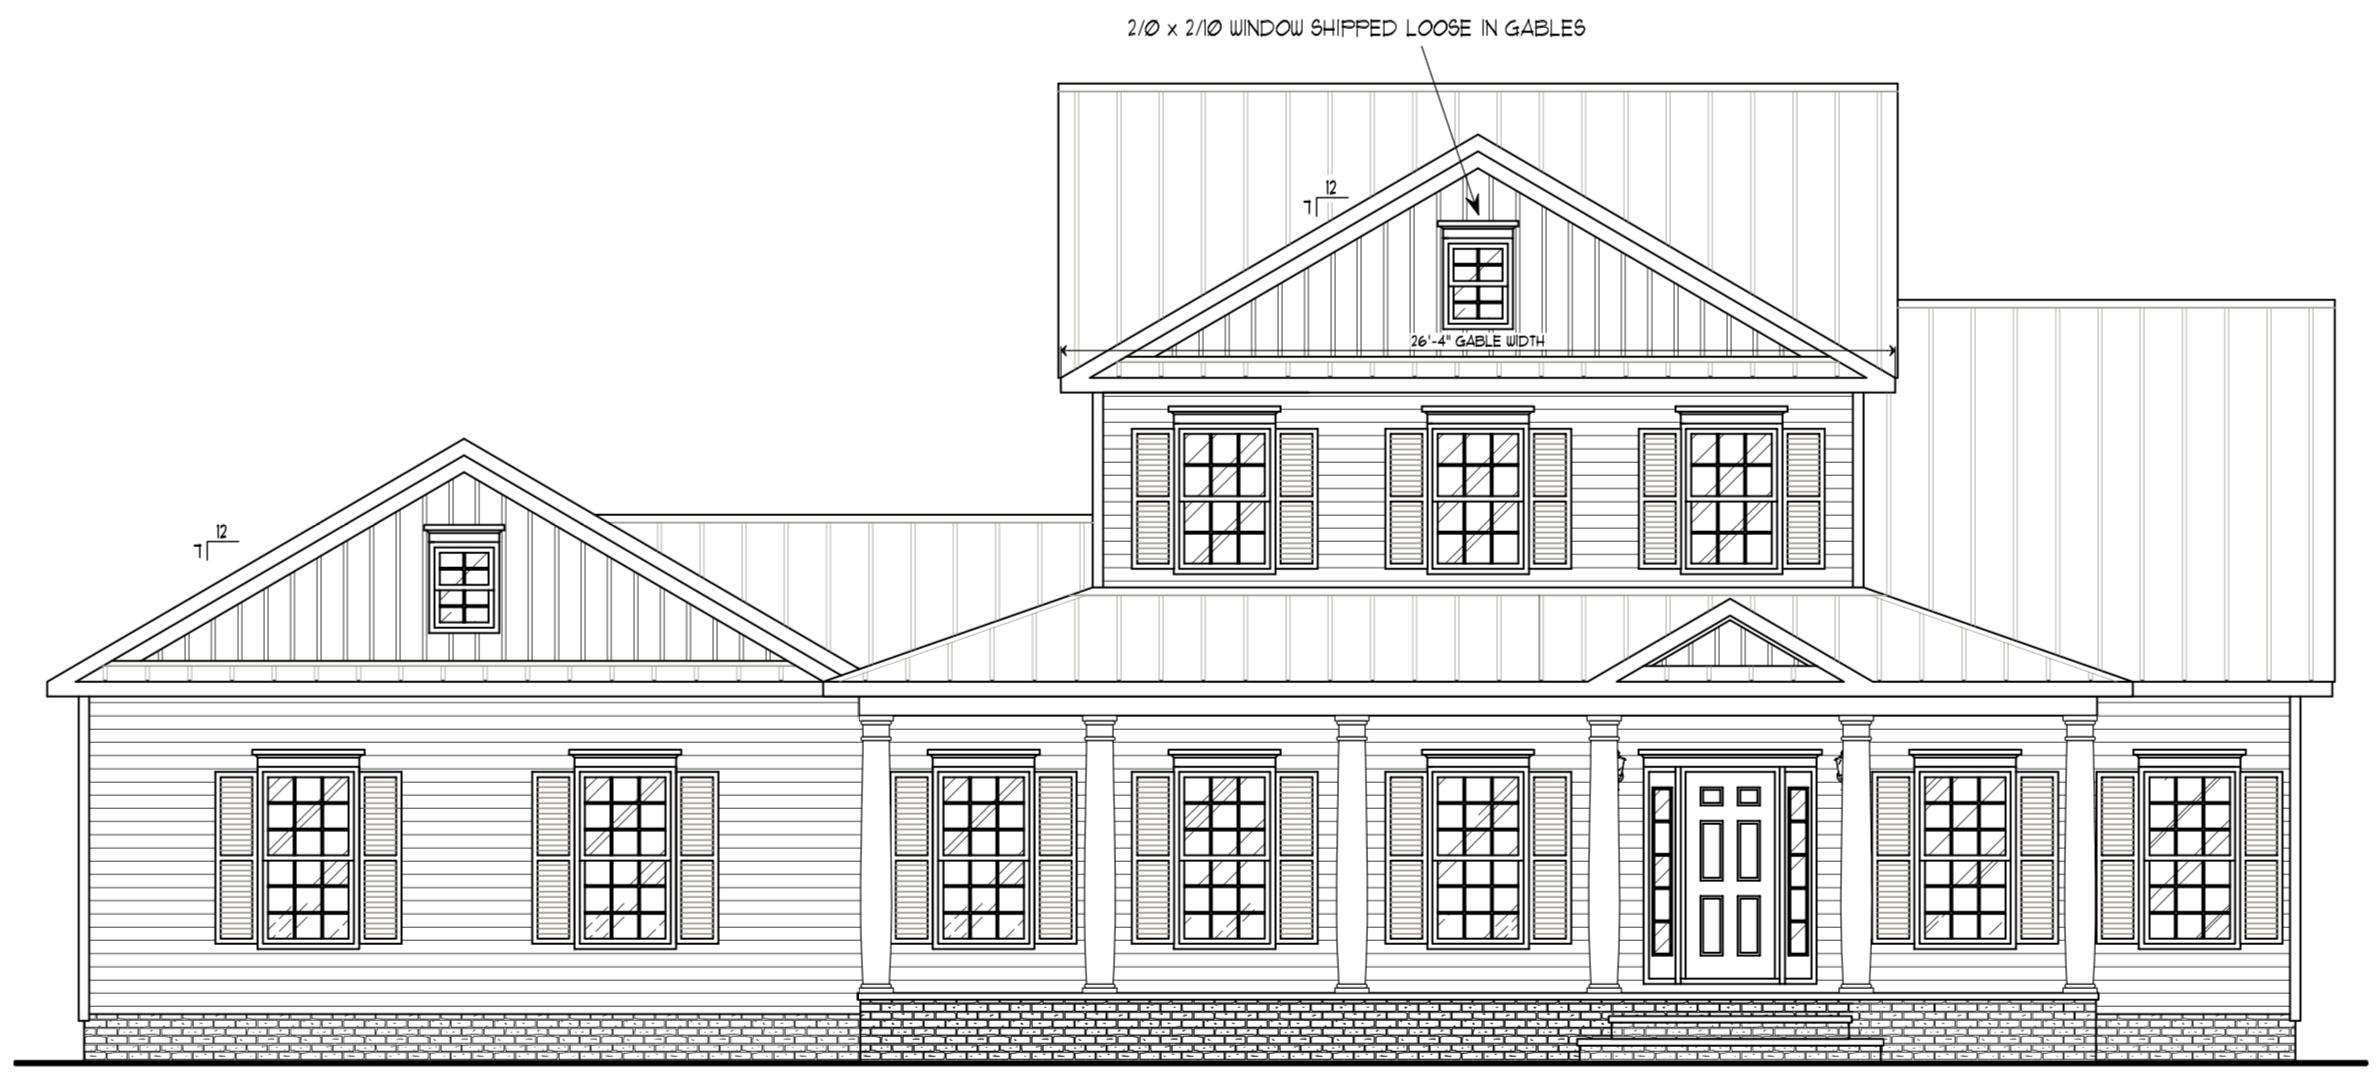 3Br/2.5Ba 2,281 sqft 2308 — H&H Builders Builder